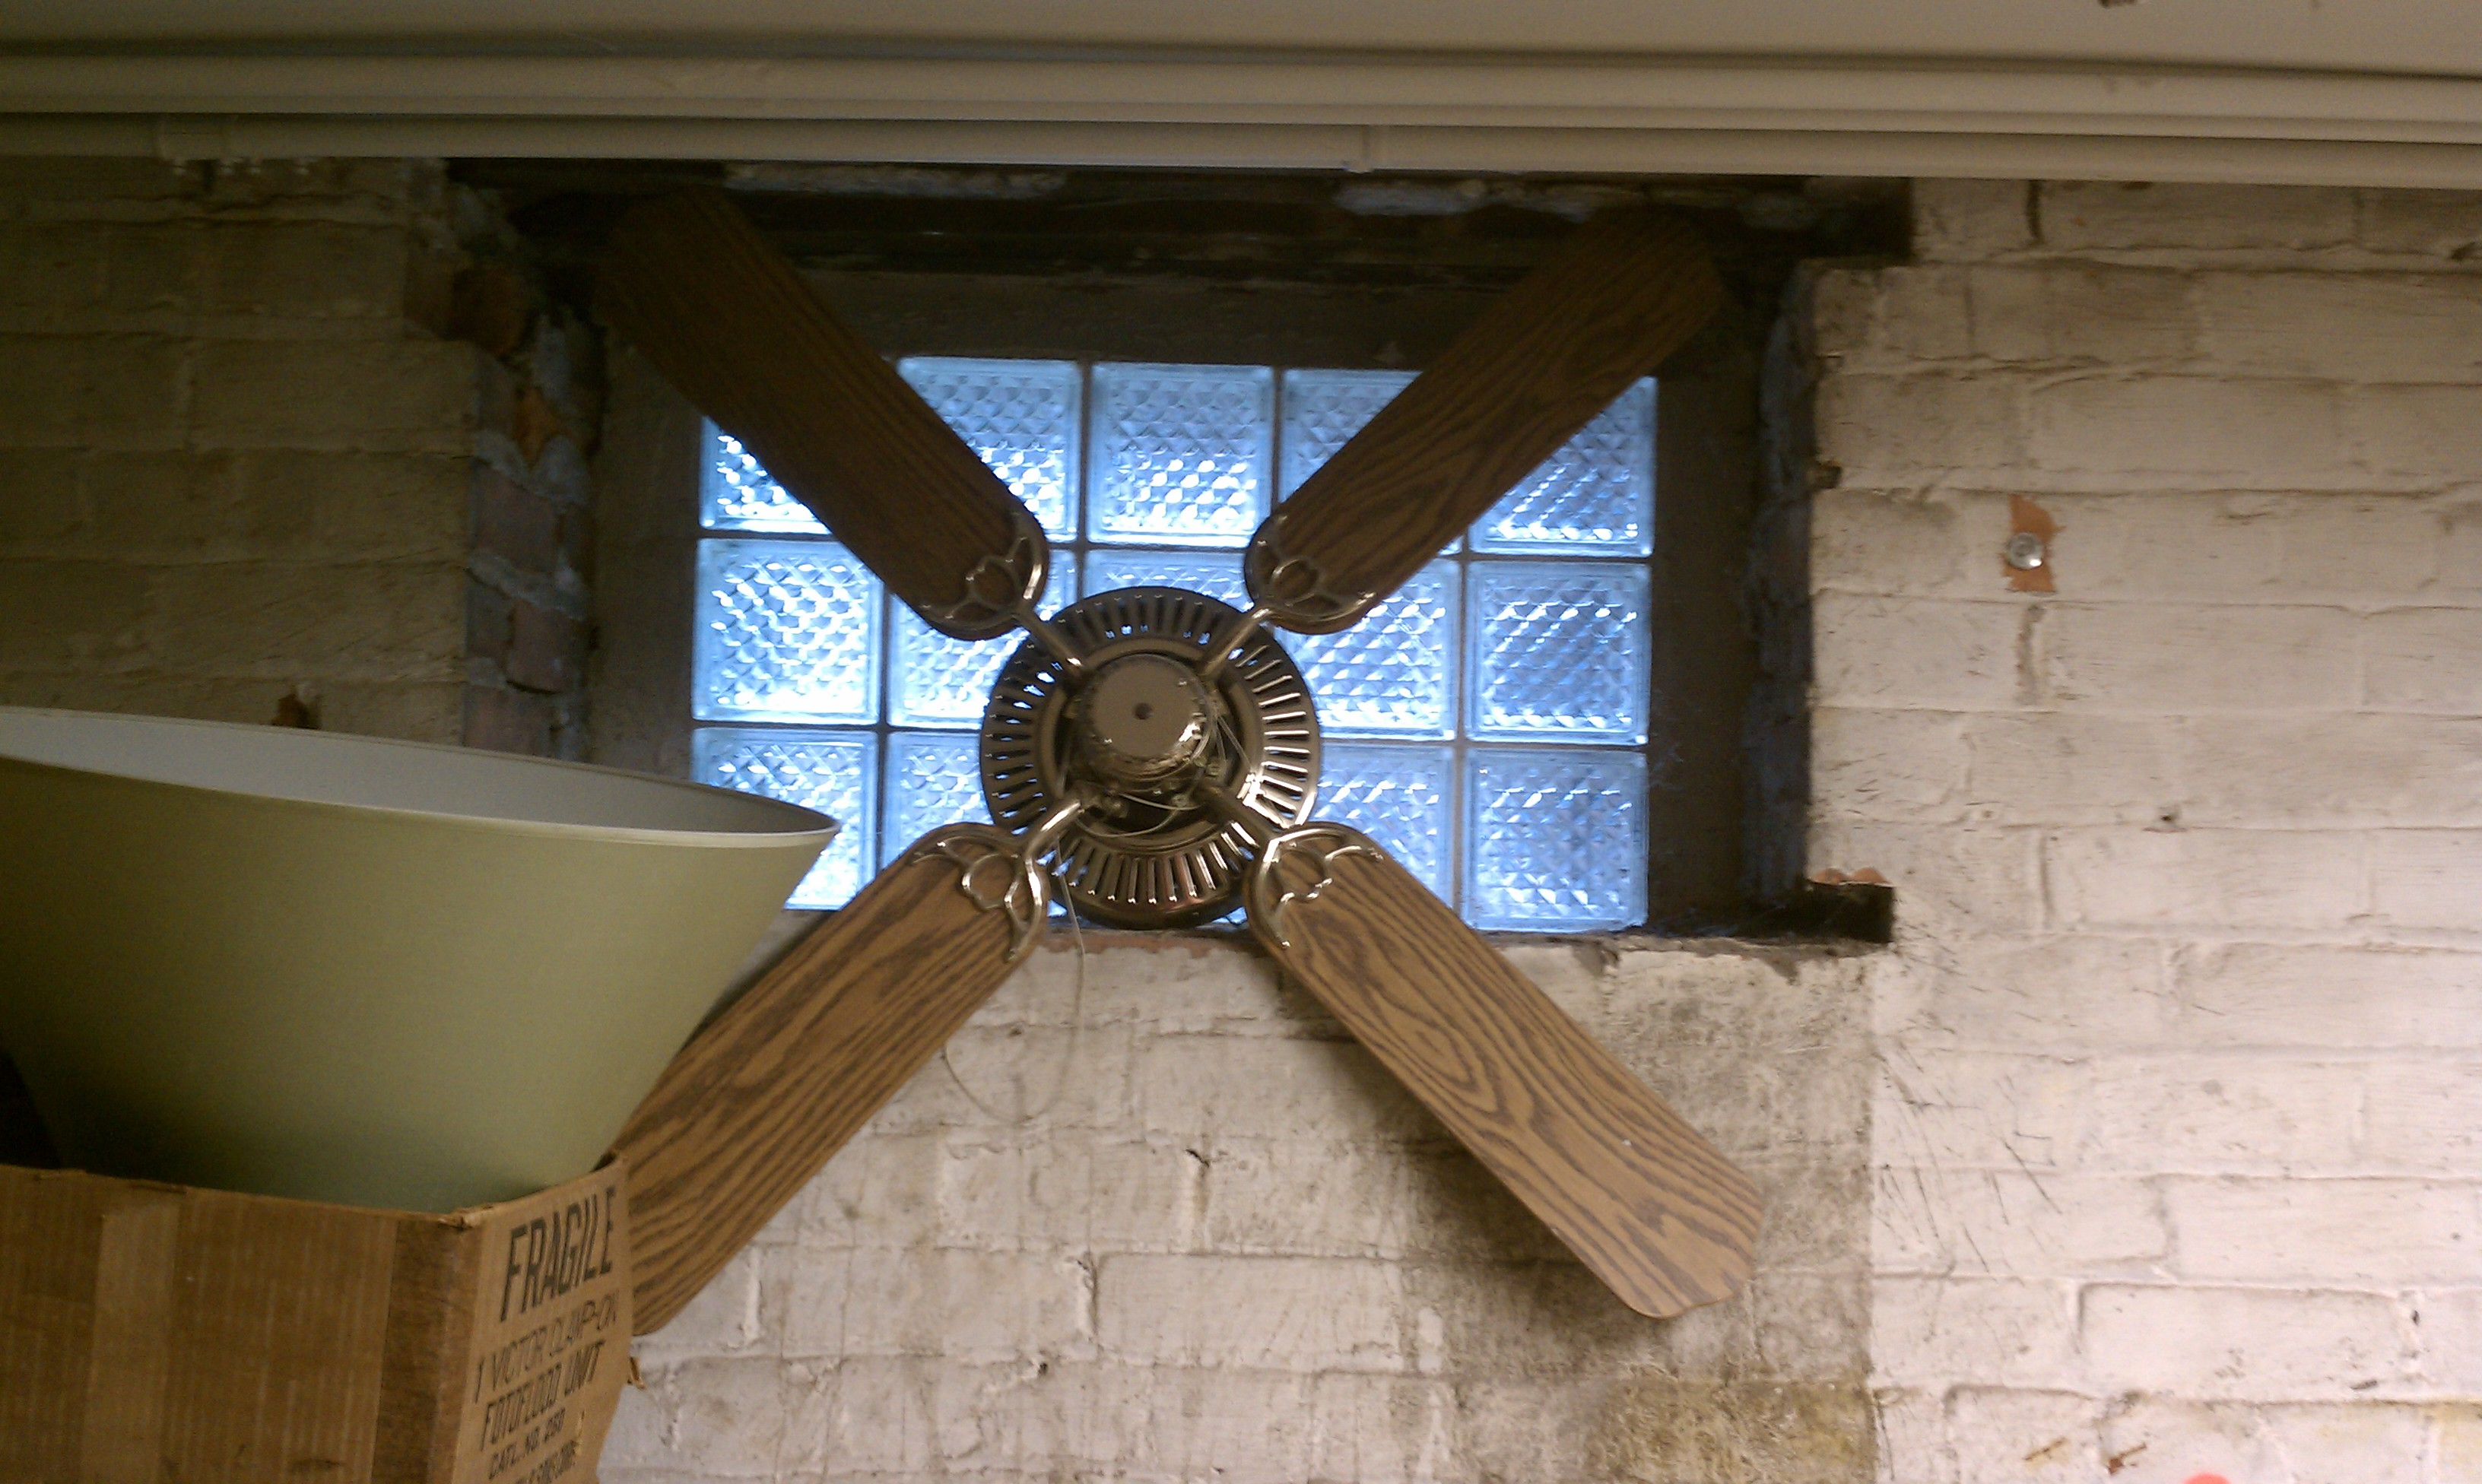 Fileceiling fan in a basement windowg wikimedia commons fileceiling fan in a basement windowg aloadofball Choice Image